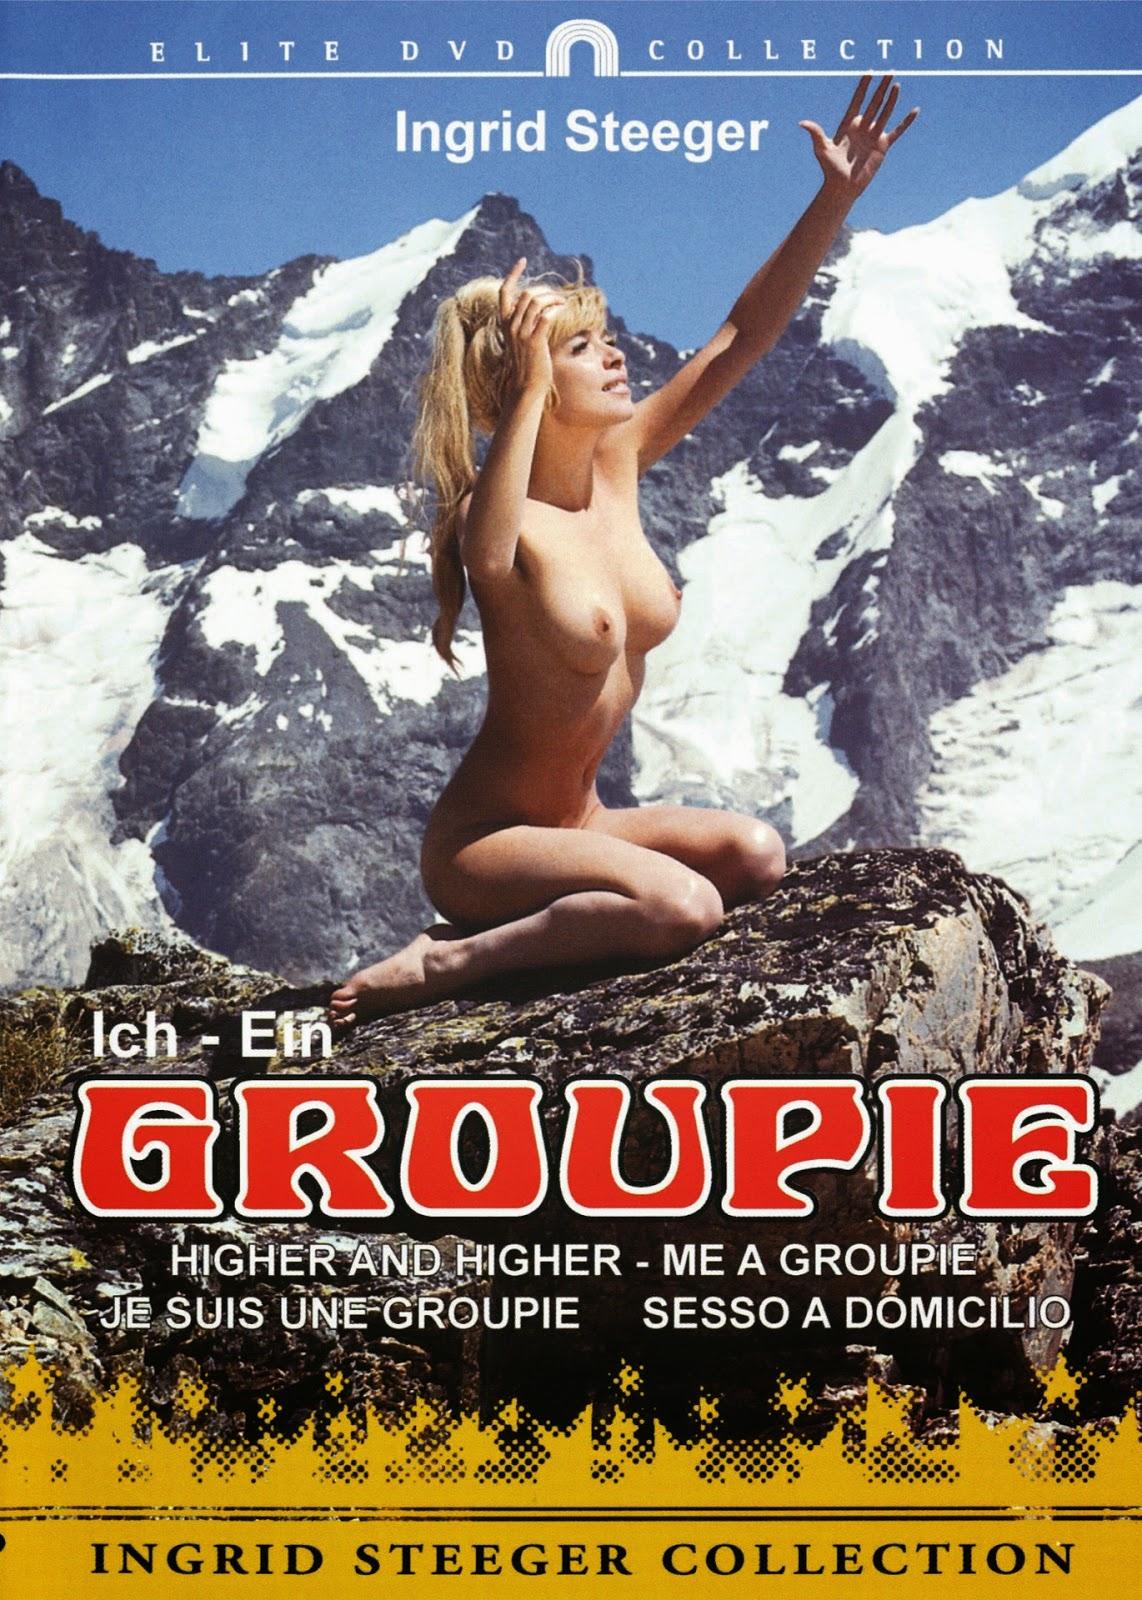 Ich - Ein Groupie DVD cover